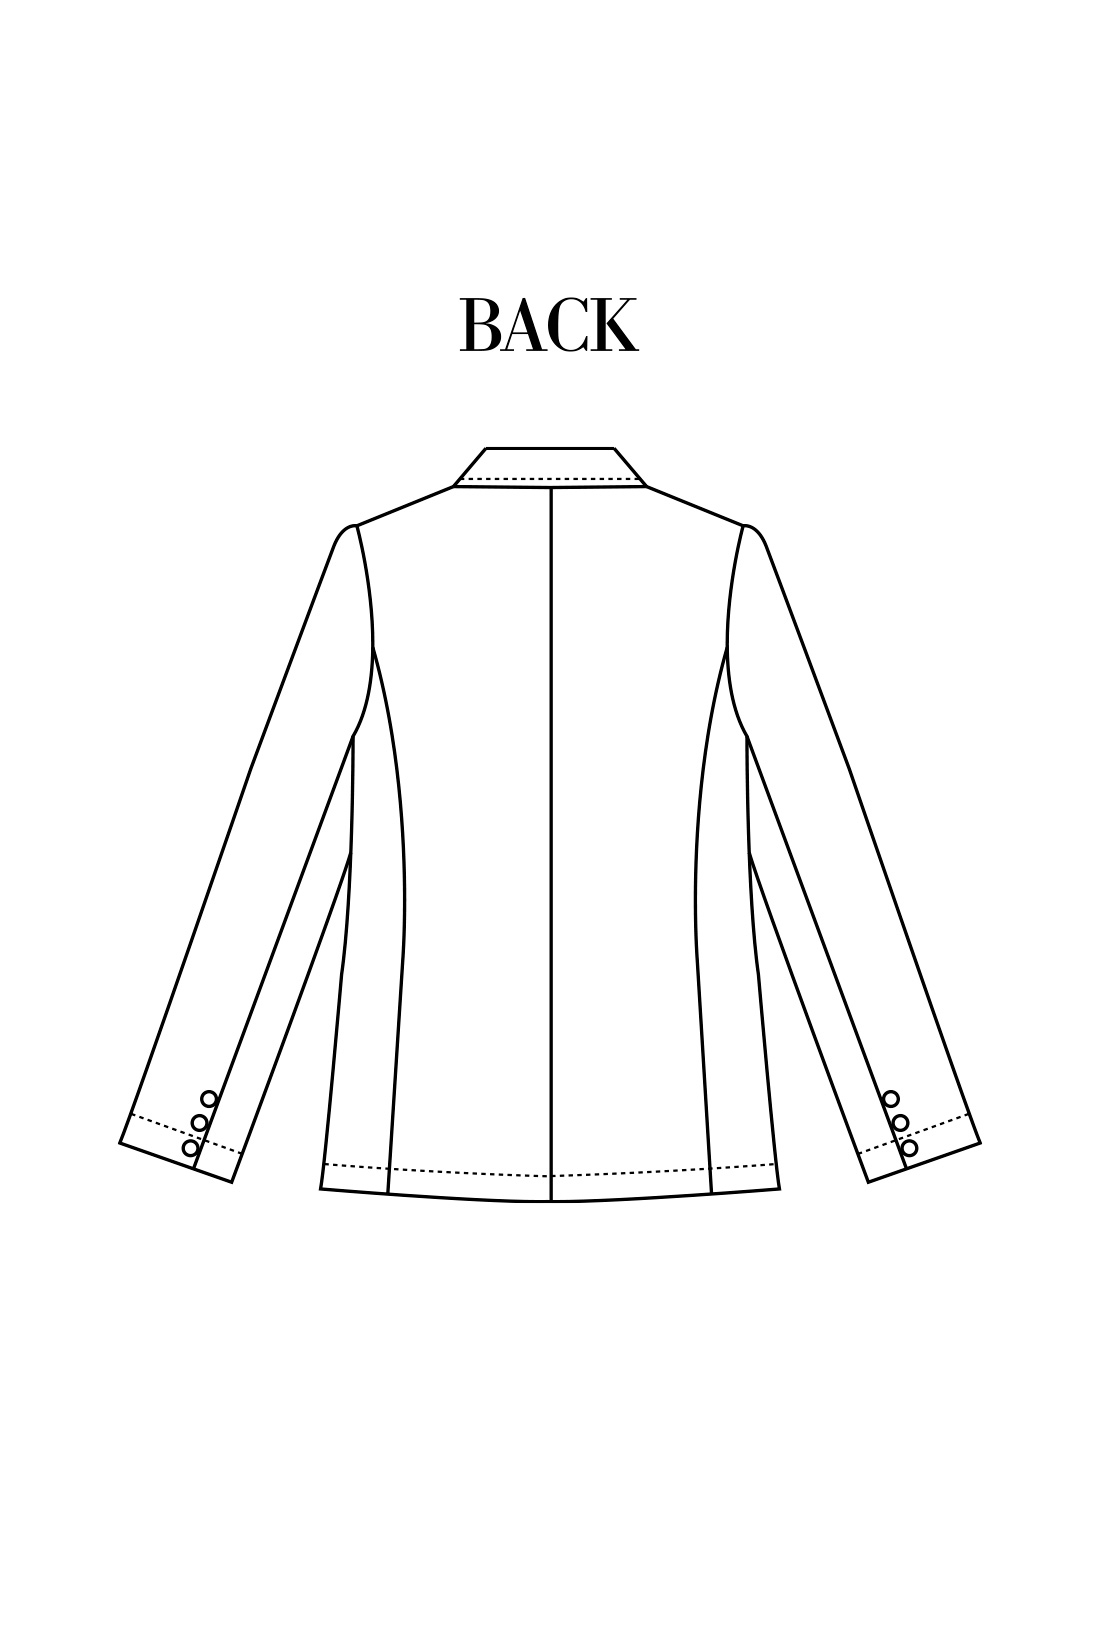 からだのラインにほどよく沿い、背中が浮かず着られる立体パターン設計。